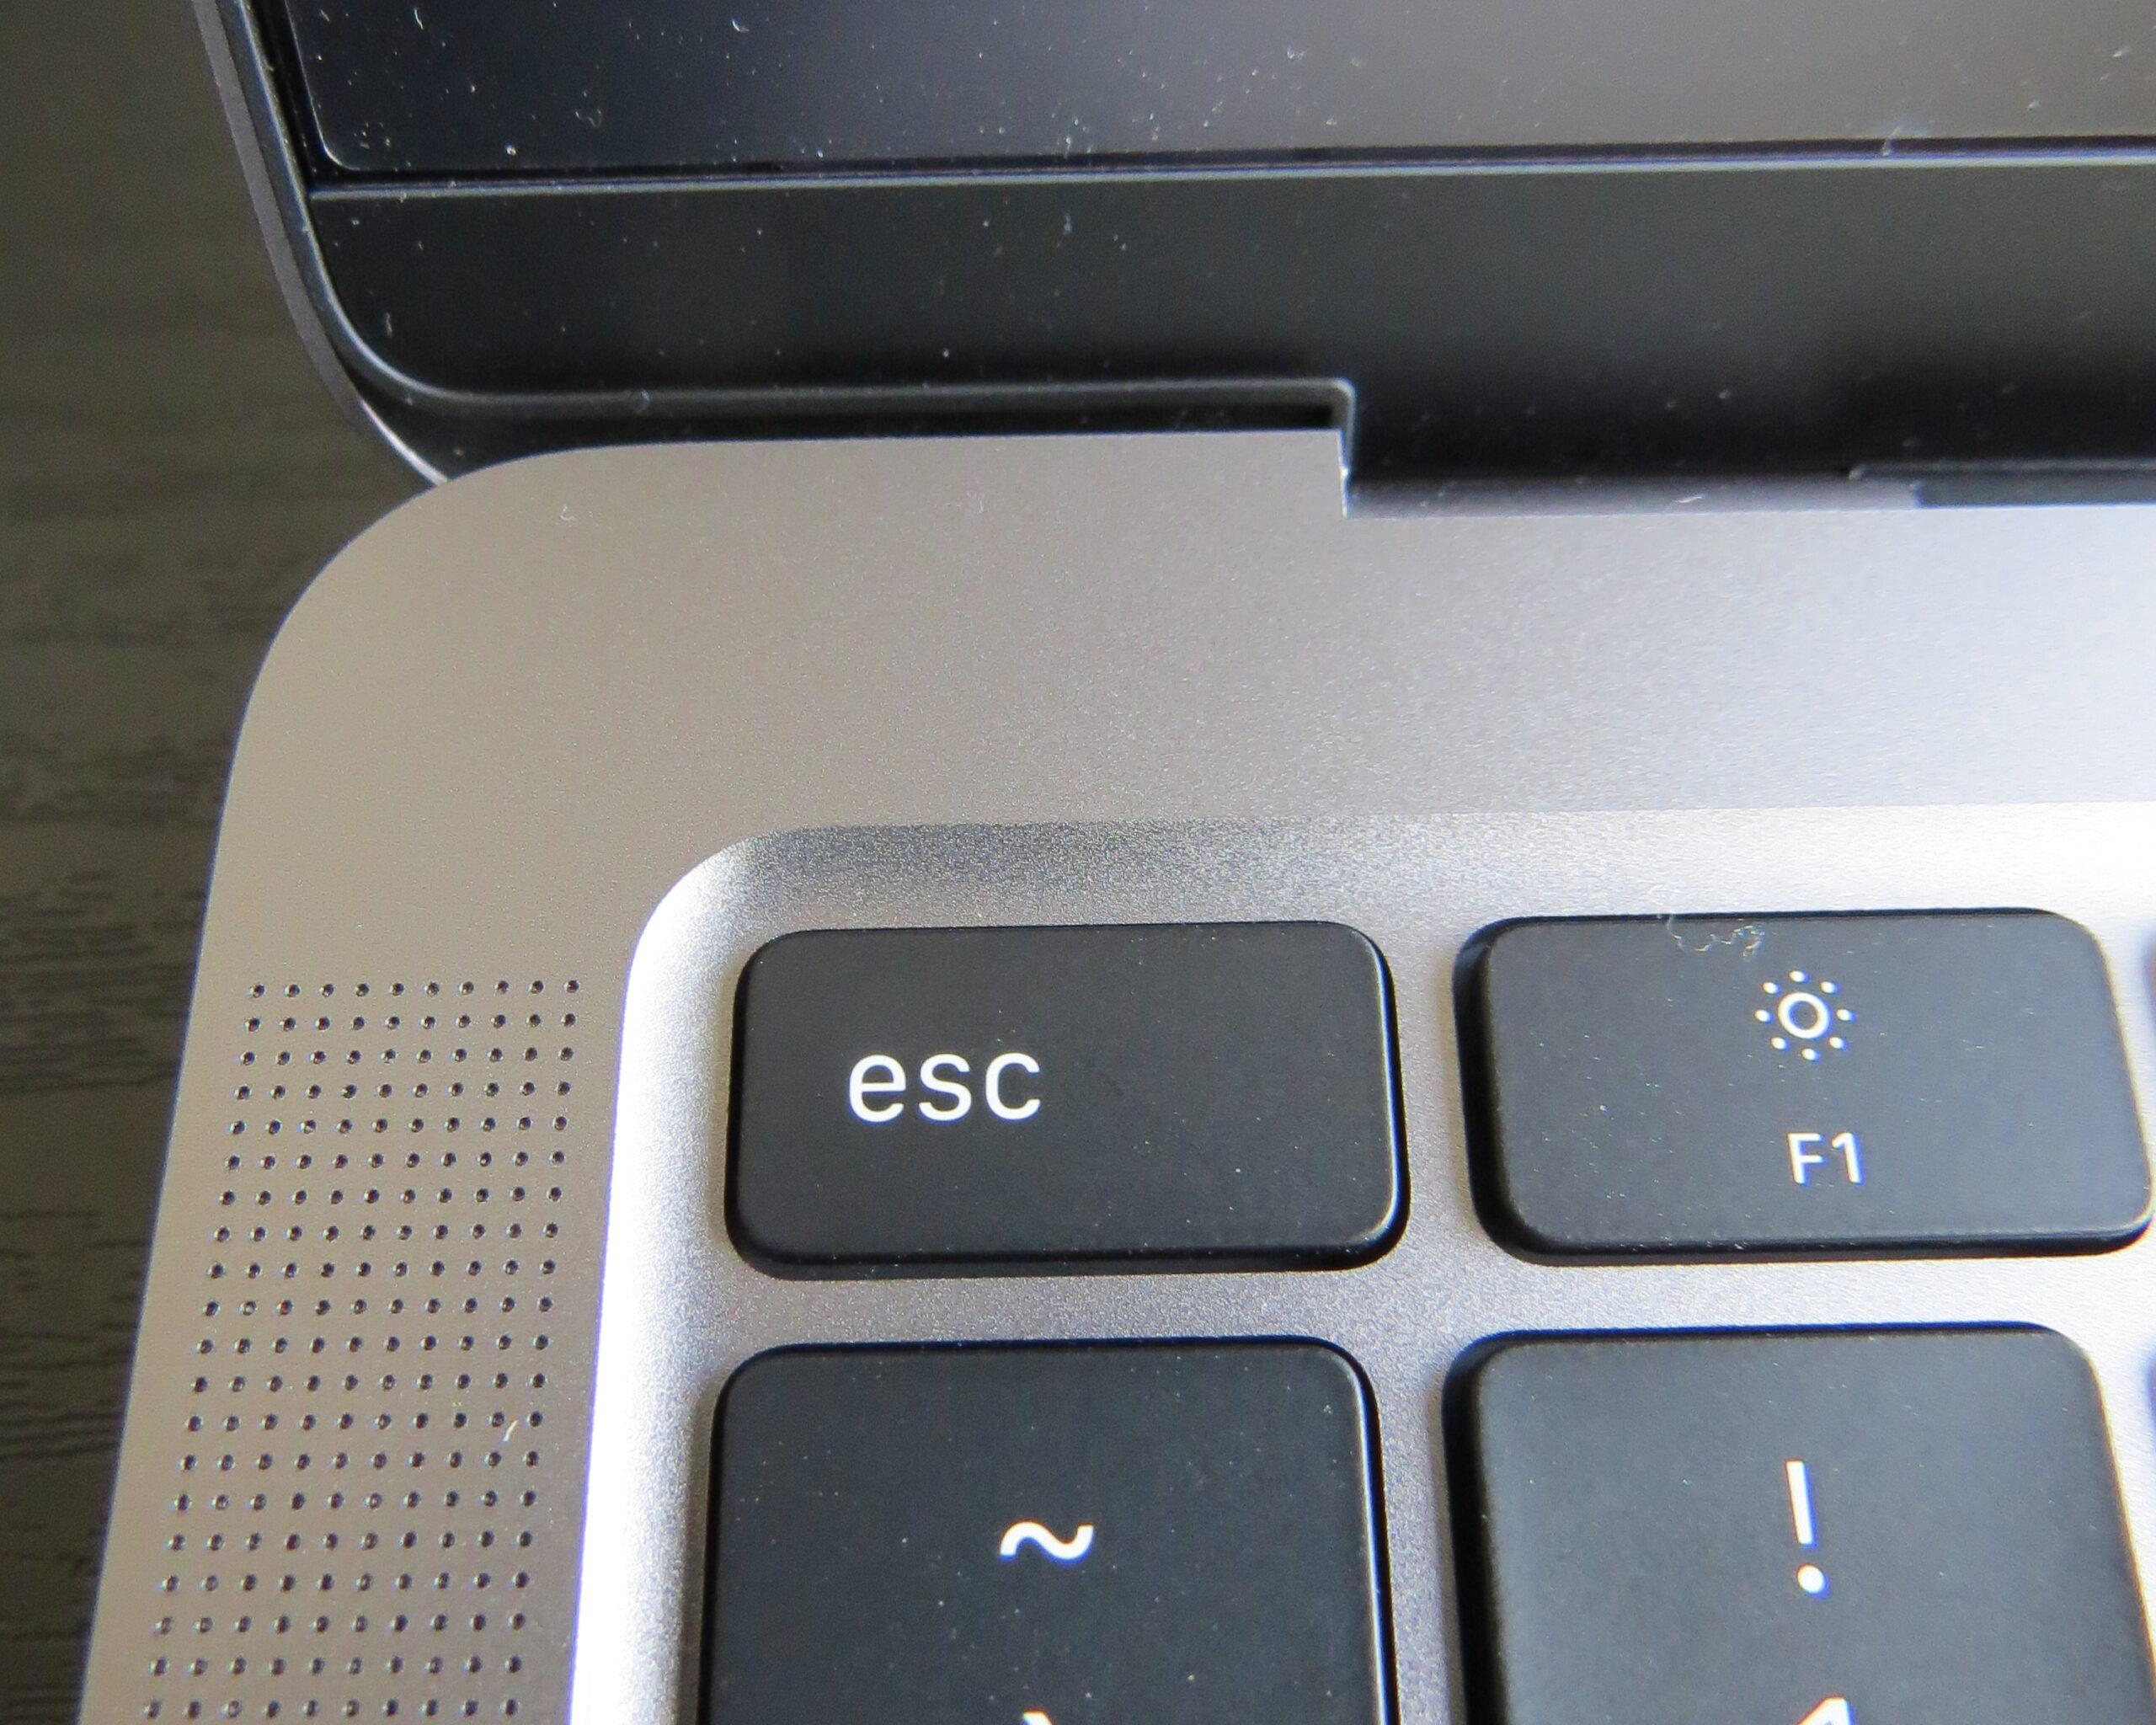 M1 MacBook Airの物理escキー